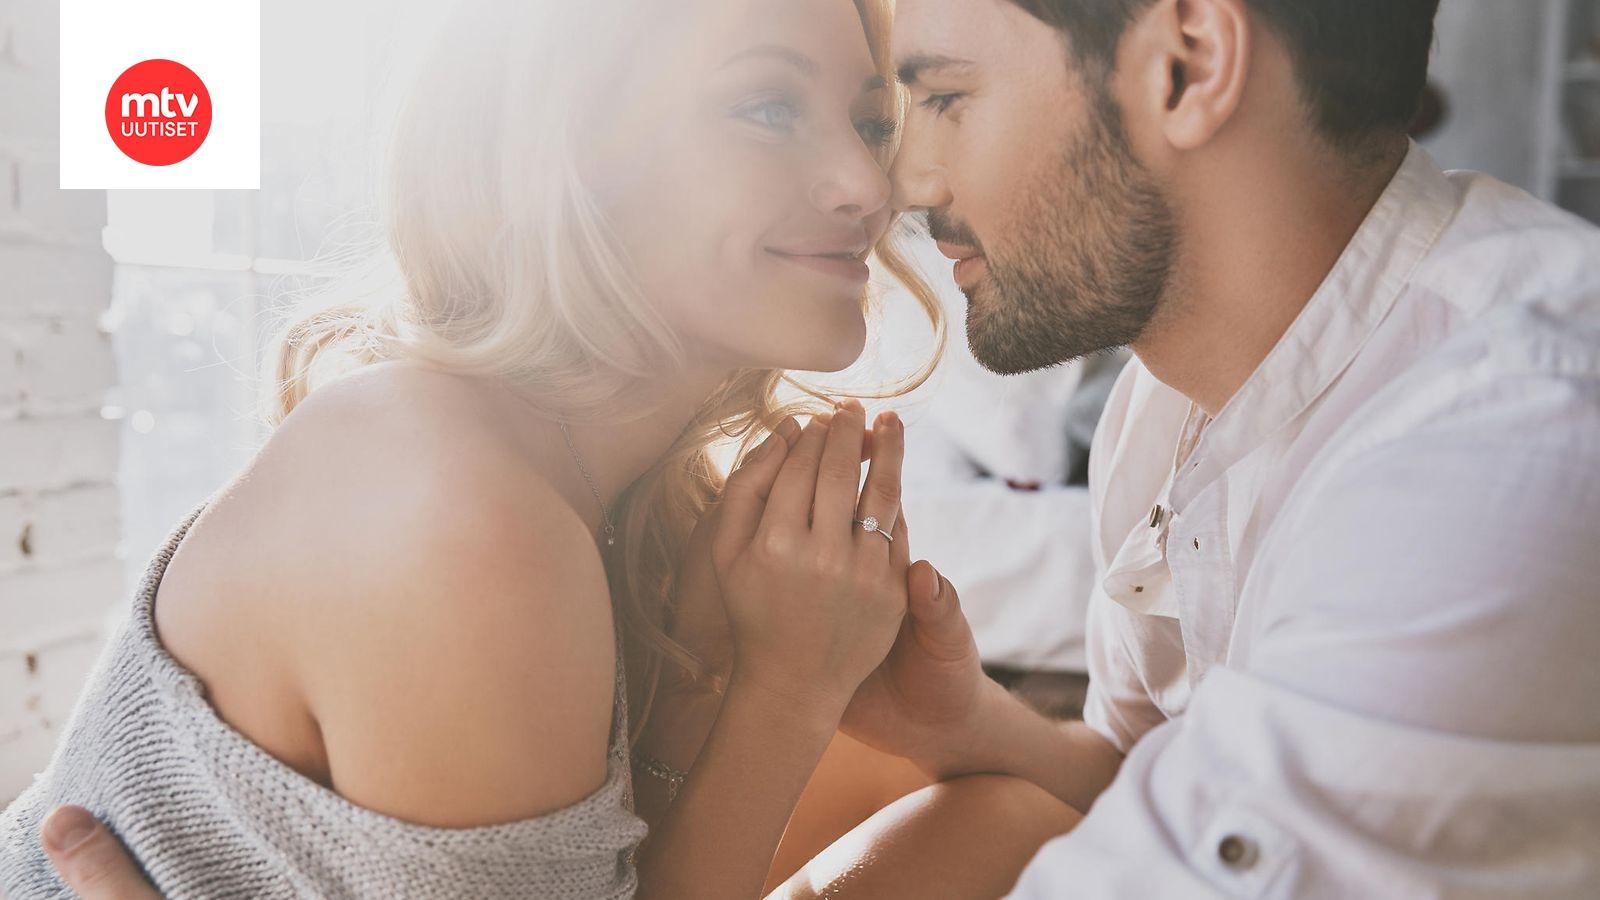 Rakkauden jälkeen 6 kuukauden dating